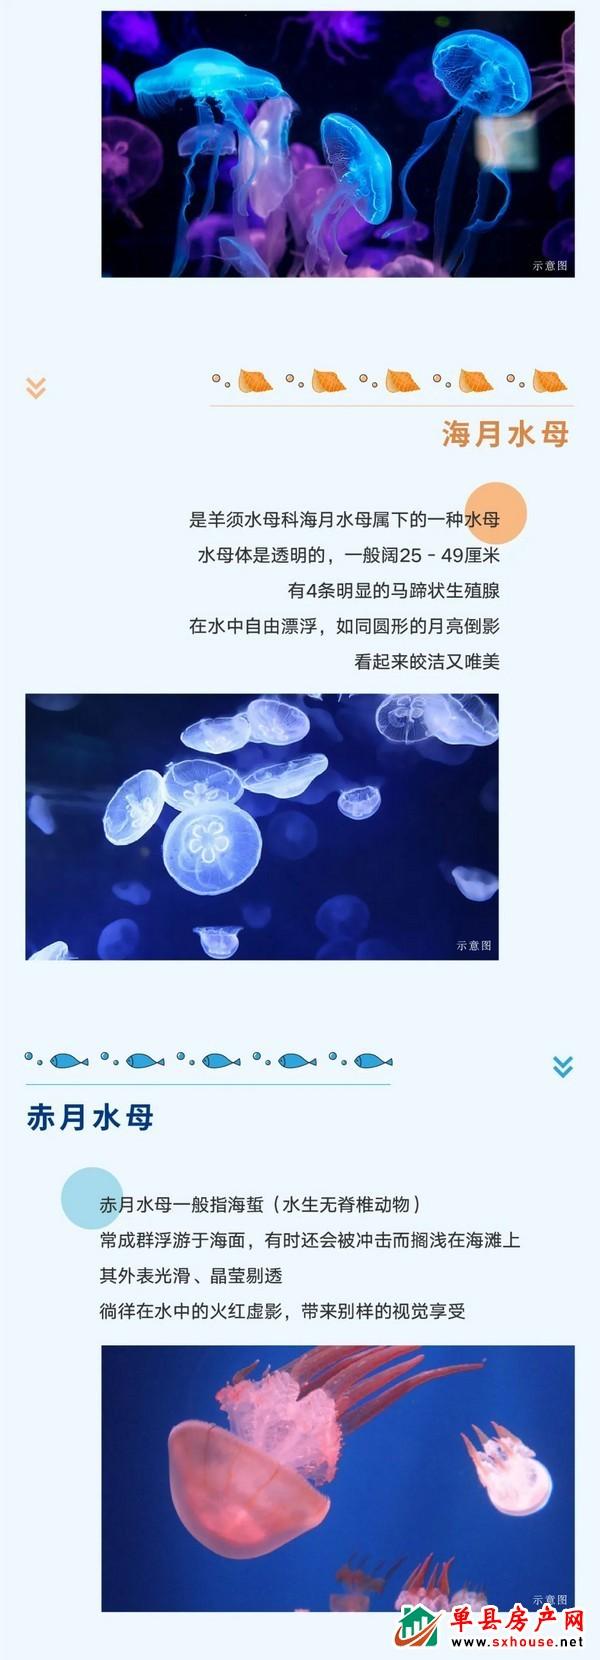 2020绿城蘭园海洋节 | 看点大揭秘—梦幻水母艺术展